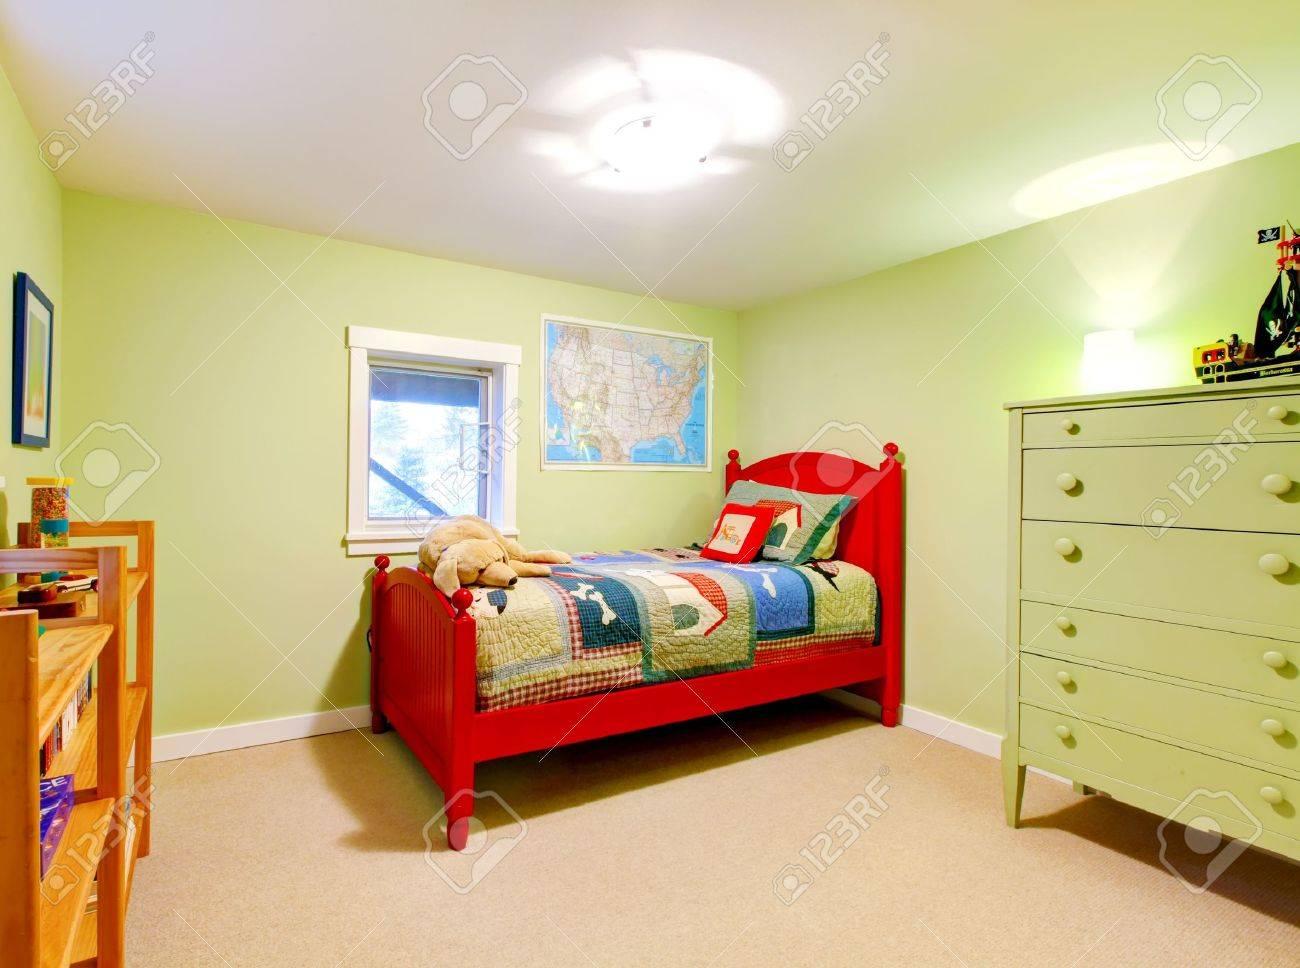 mignon chambre enfant garcon vert avec un lit rouge